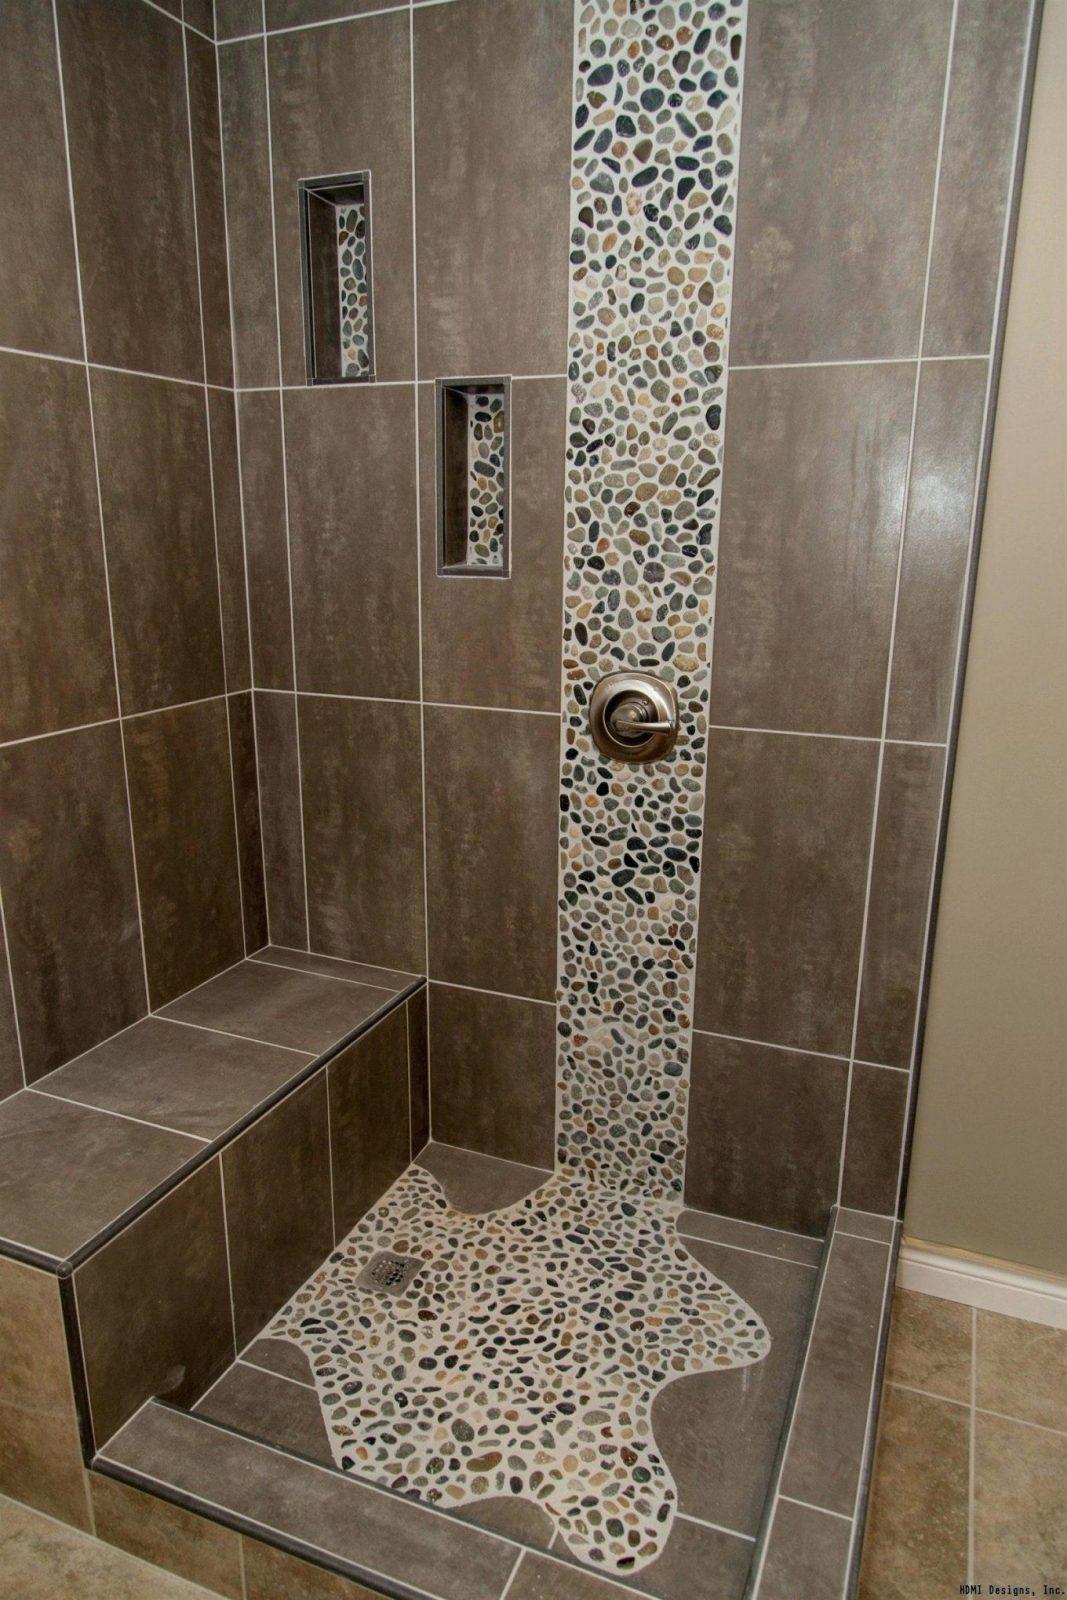 Kieselstein Fliesen Flusskiesel Kieselmosaik Matten Dusche Reinigen von Mosaik Fliesen Dusche Reinigen Bild